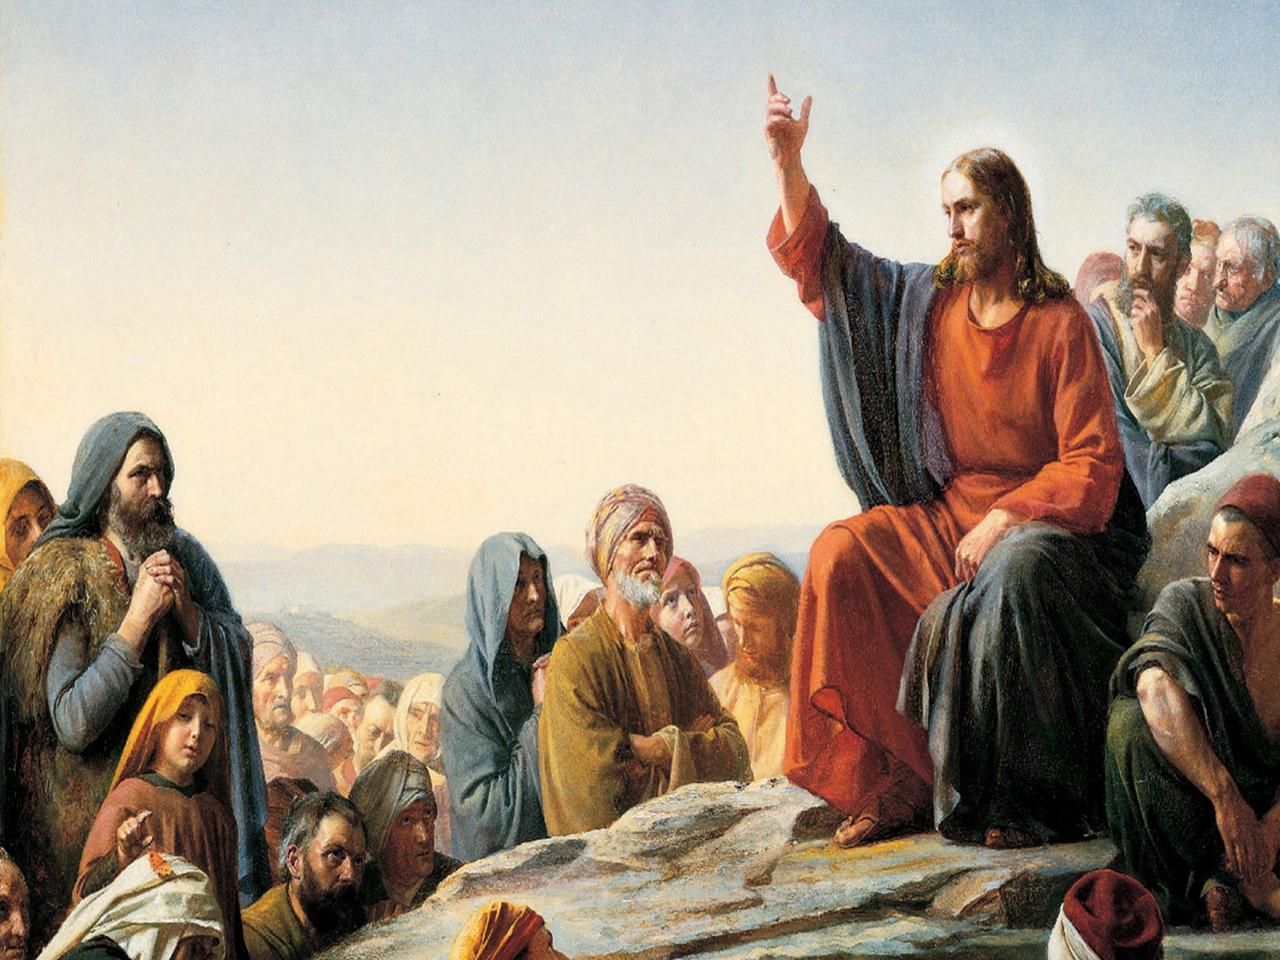 квартиры, возвращения иисуса картинки многие остались